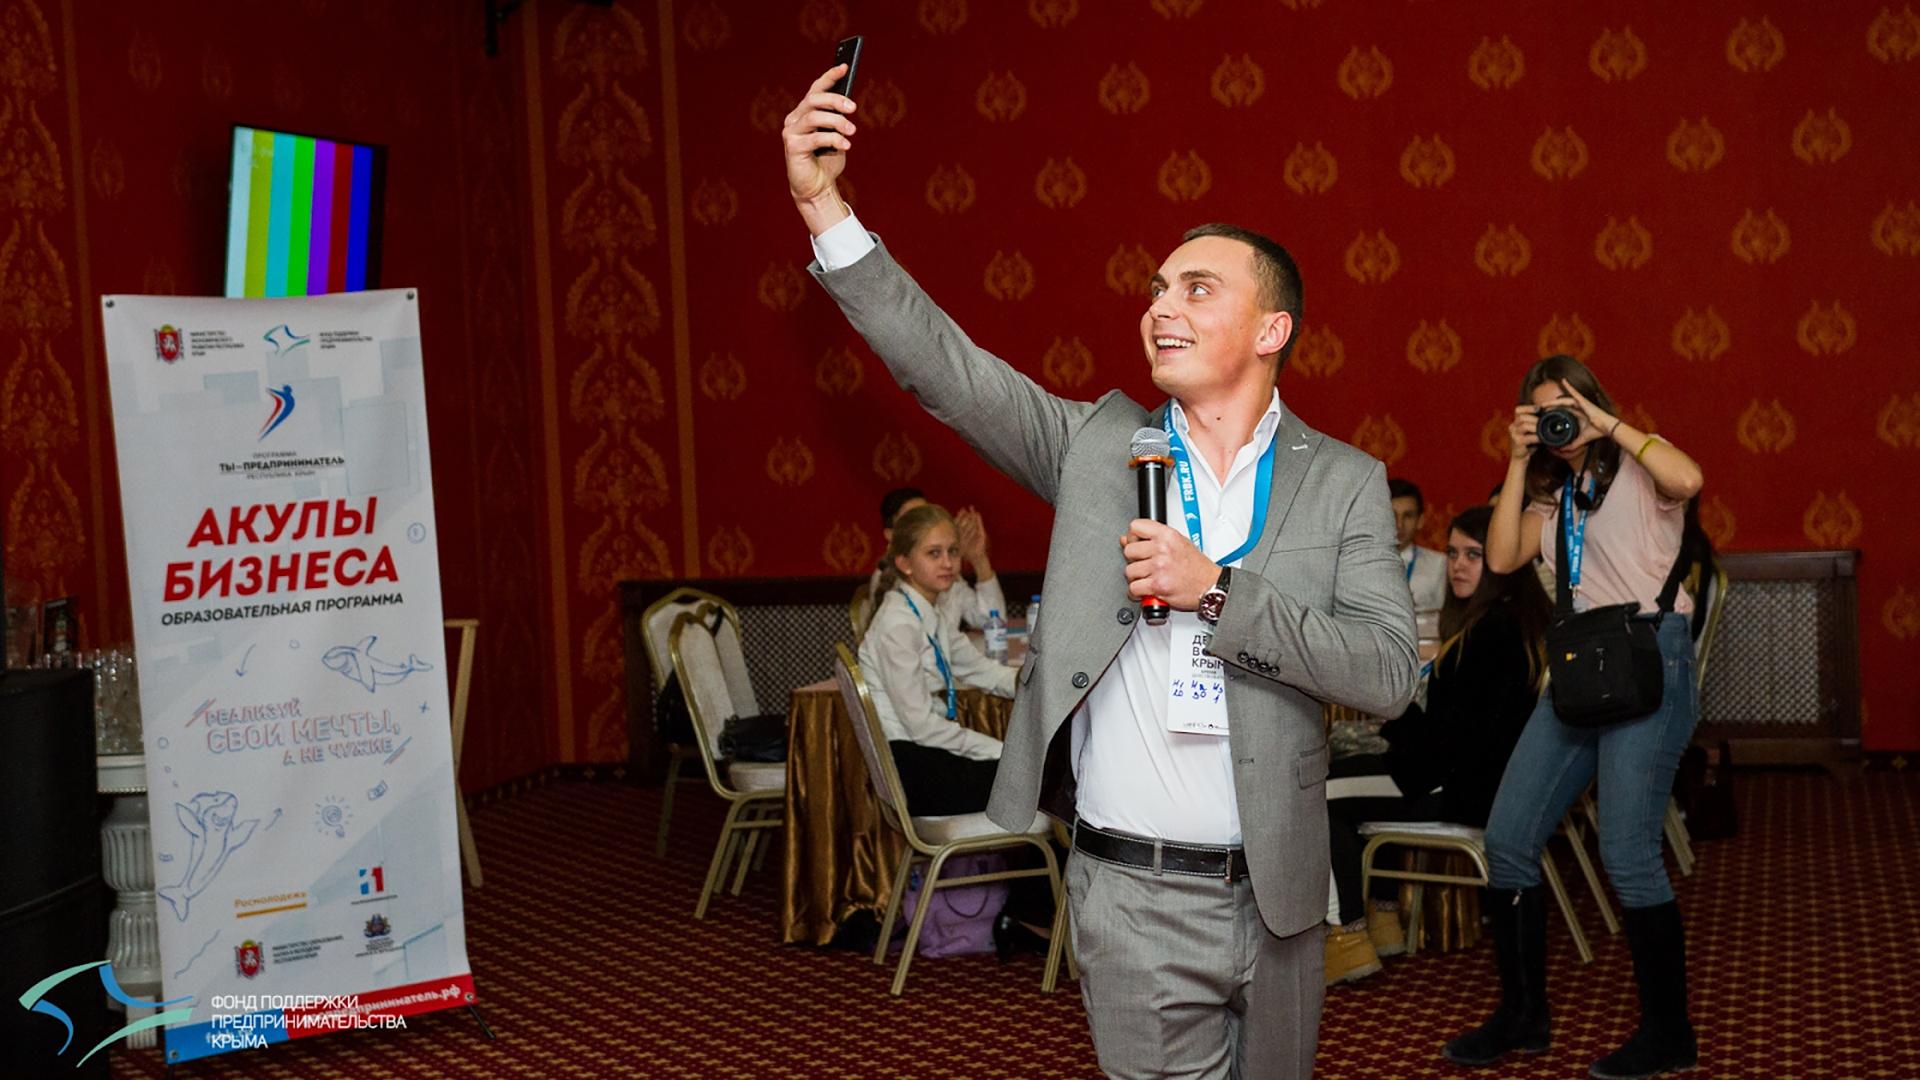 Даниил Шевчук на конгрессе ты предприниматель